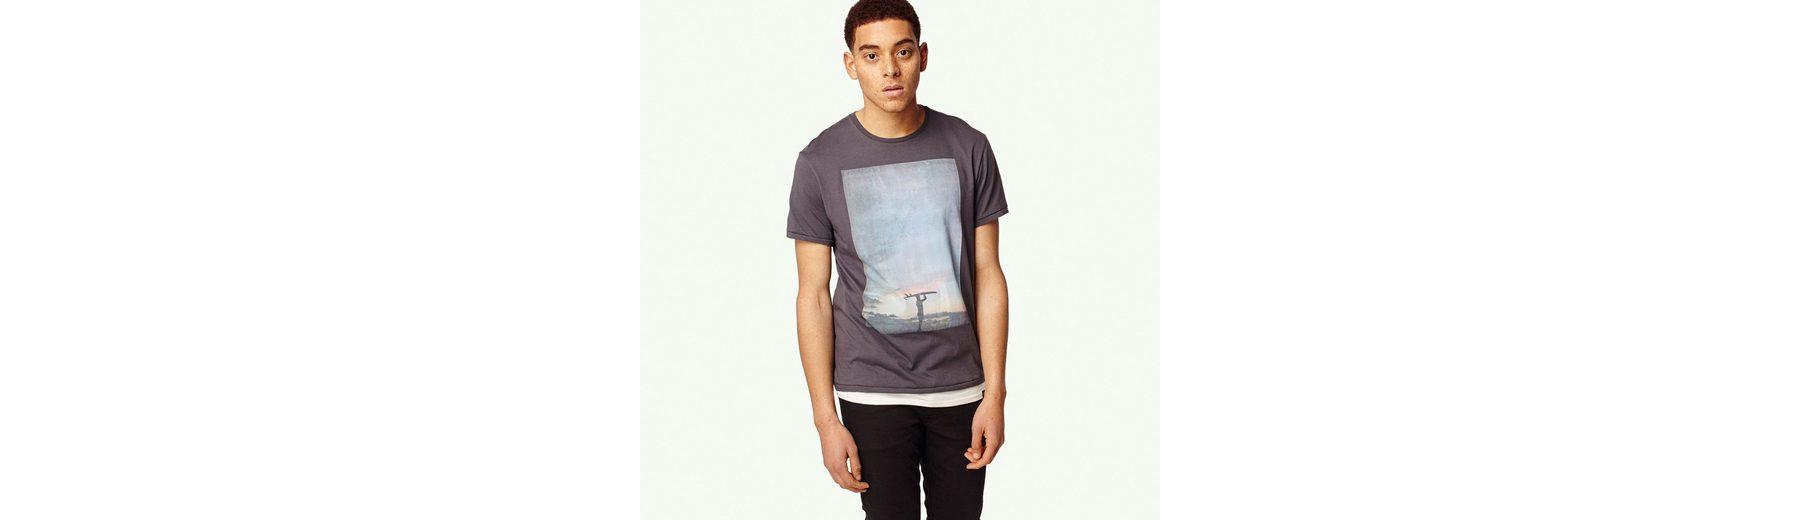 O'Neill T-Shirts kurzärmlig Mul t-shirt Footlocker Bilder Zum Verkauf Verkauf Für Schön Günstig Kaufen Kosten Günstiger Preis Auslass Verkauf Niedrig Preis Versandkosten Für Verkauf Vw9iz